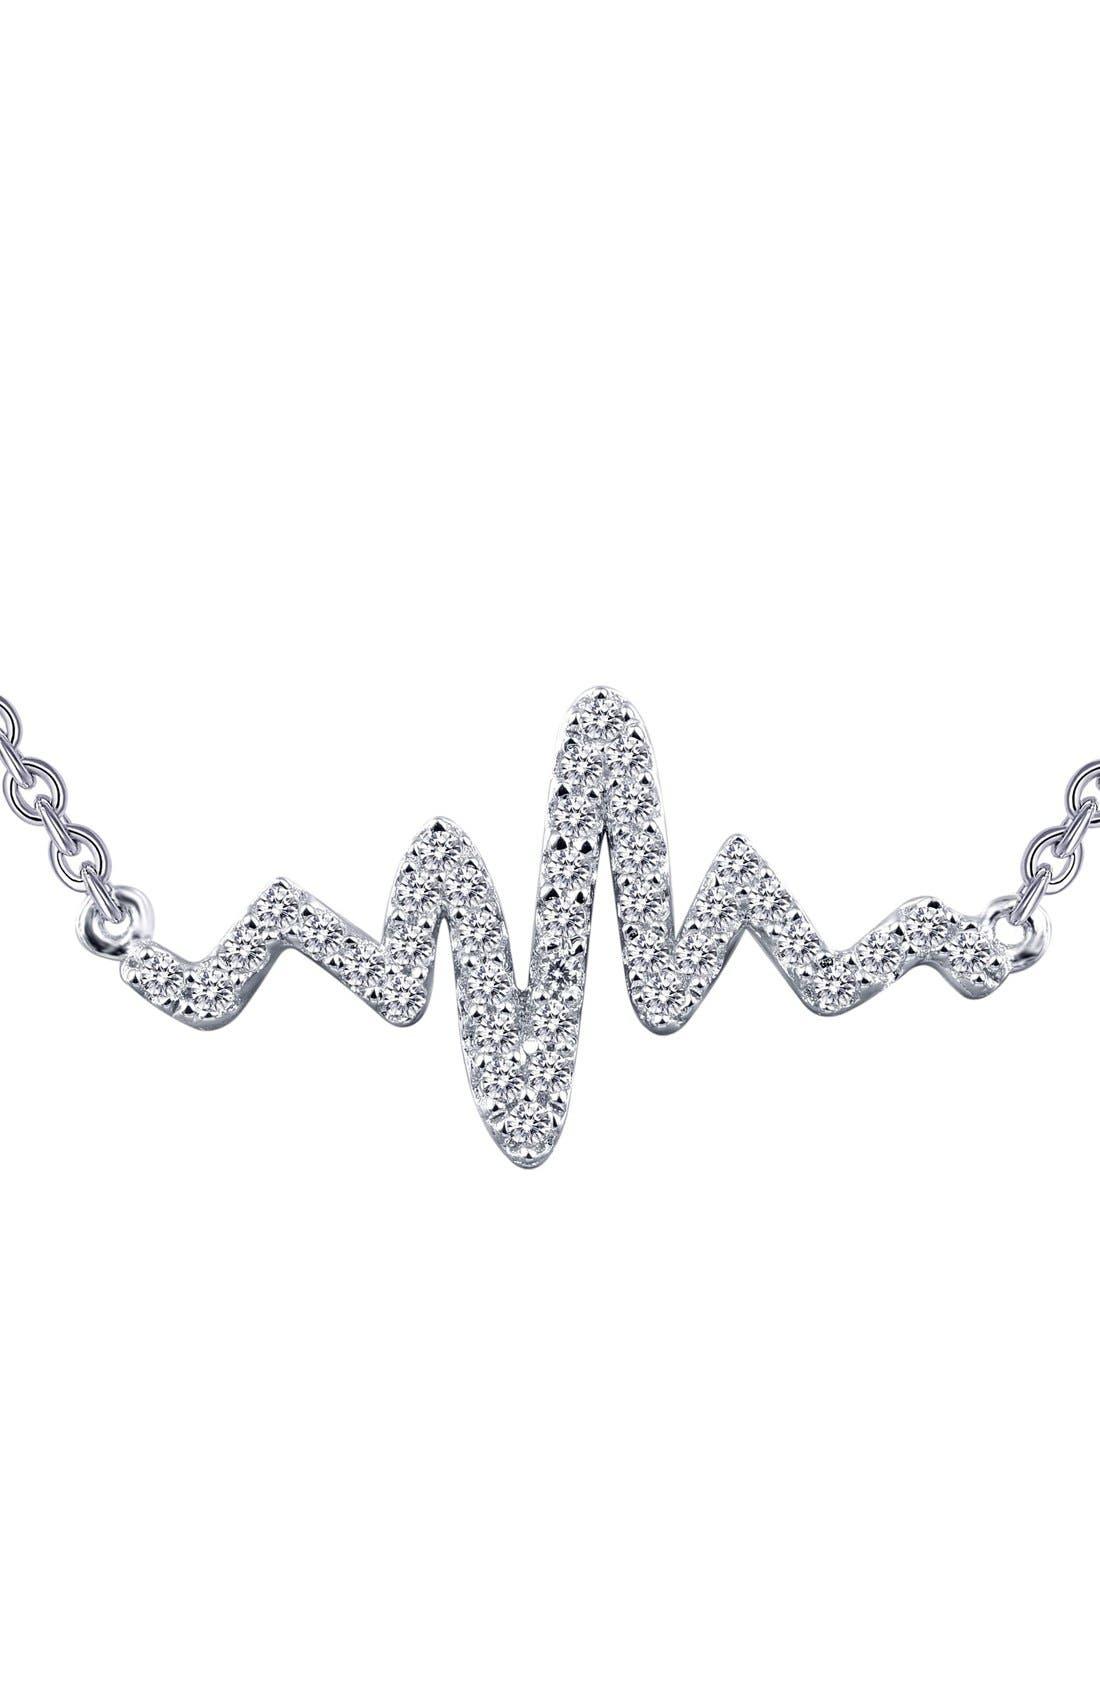 Main Image - Lafonn 'Lassaire' Heartbeat Pendant Necklace